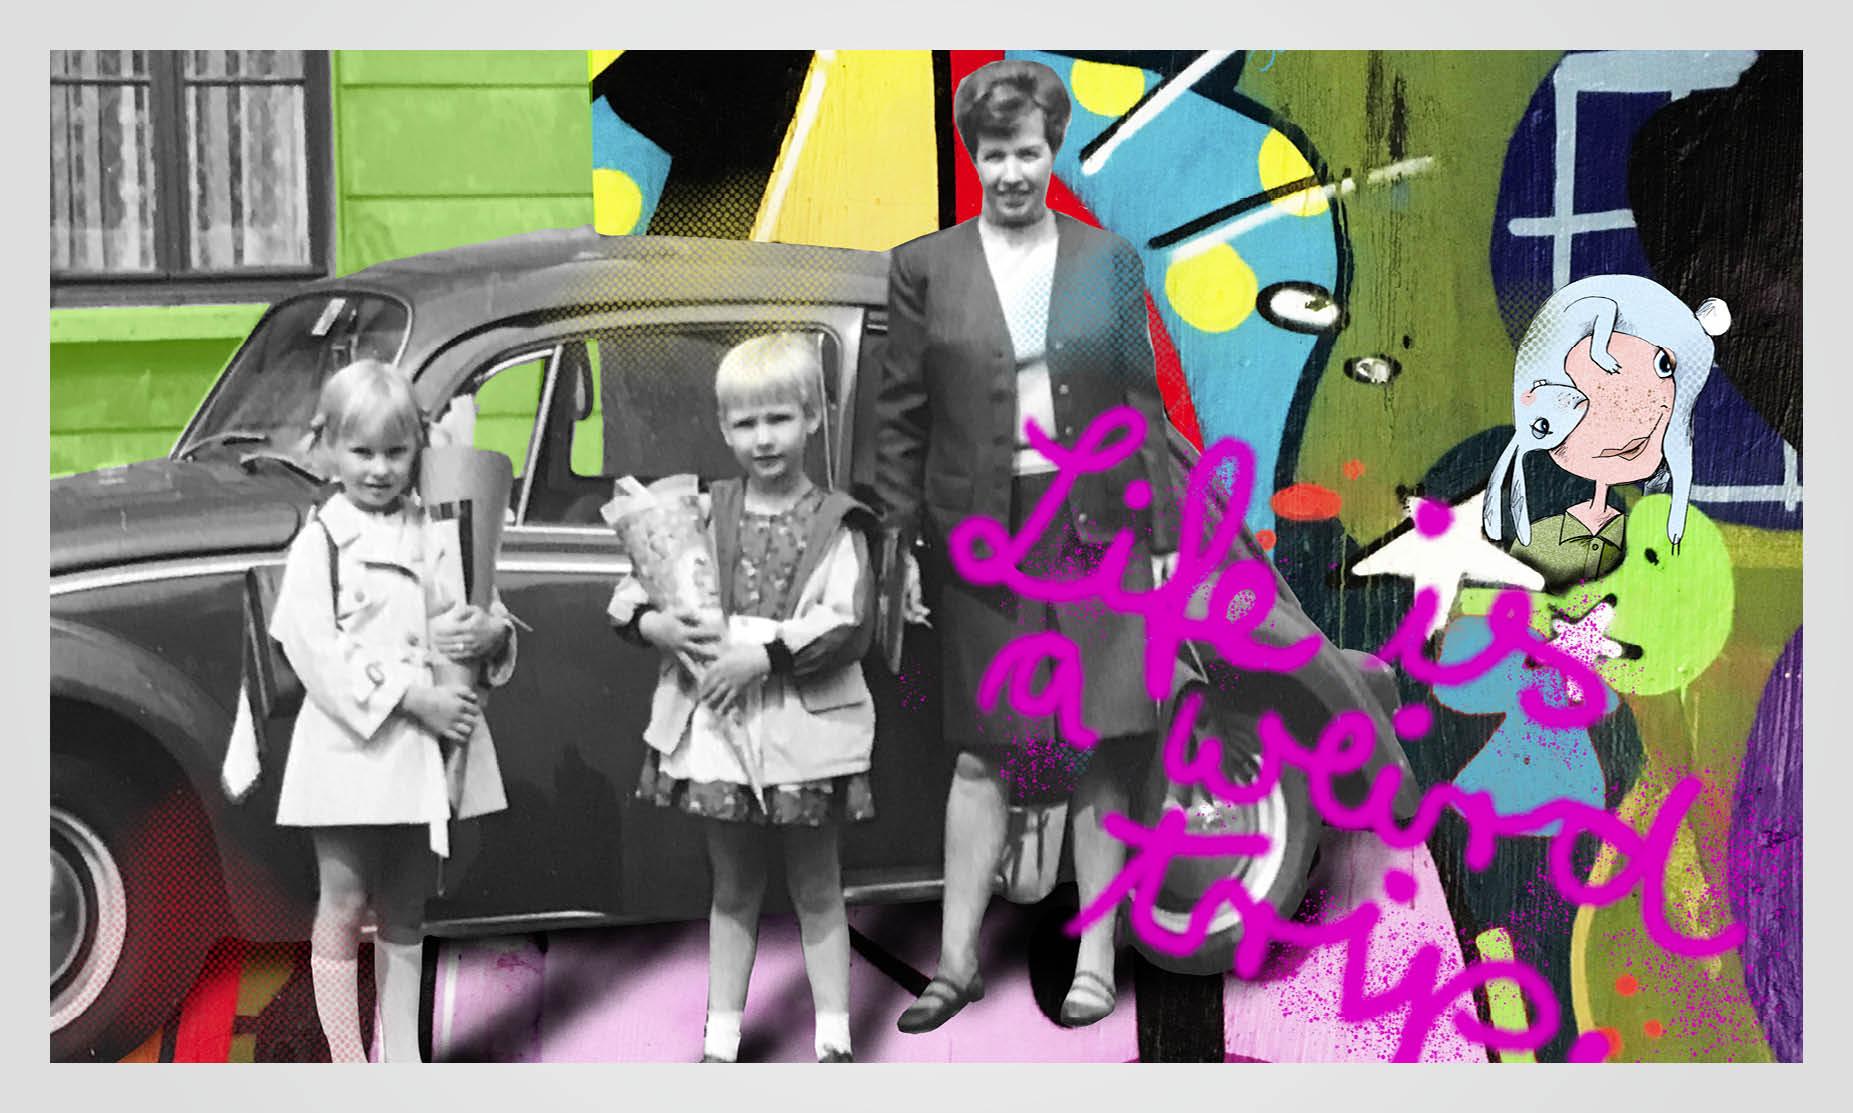 foto-collage-zeichnung-01.jpg